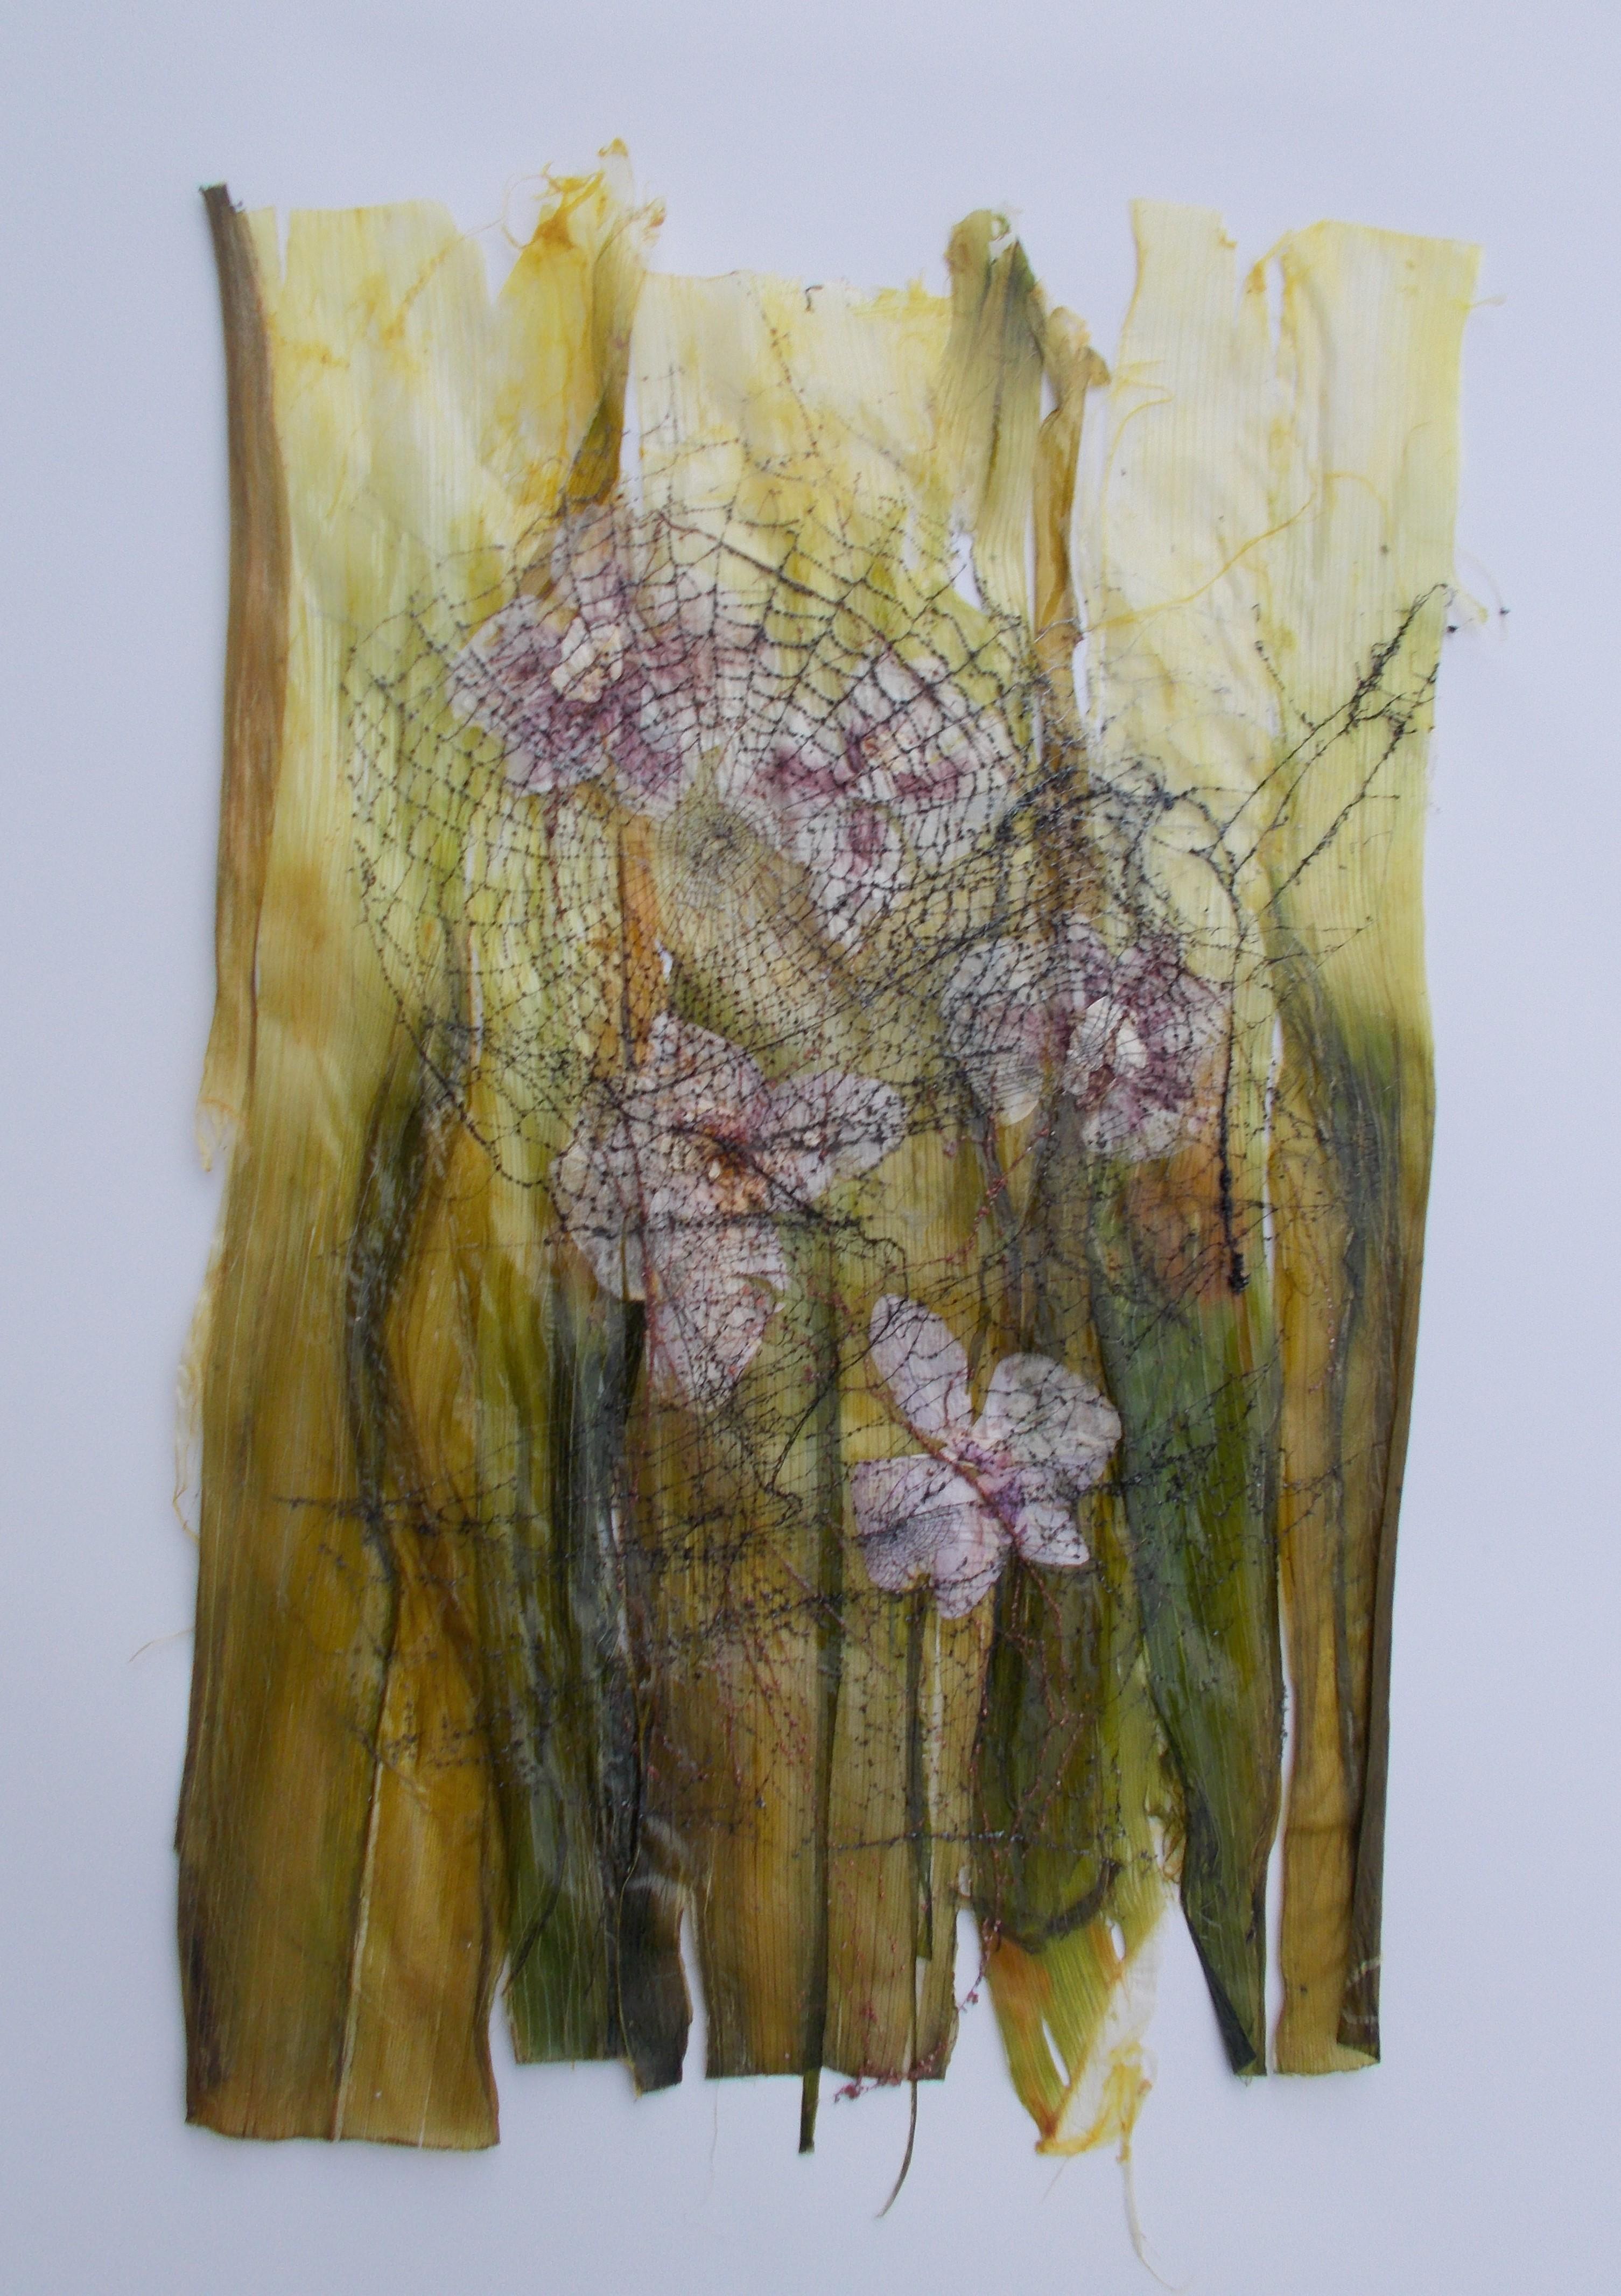 Faszination Spinnennetze, Hintergrund Porre und echte Orchideen 40*50